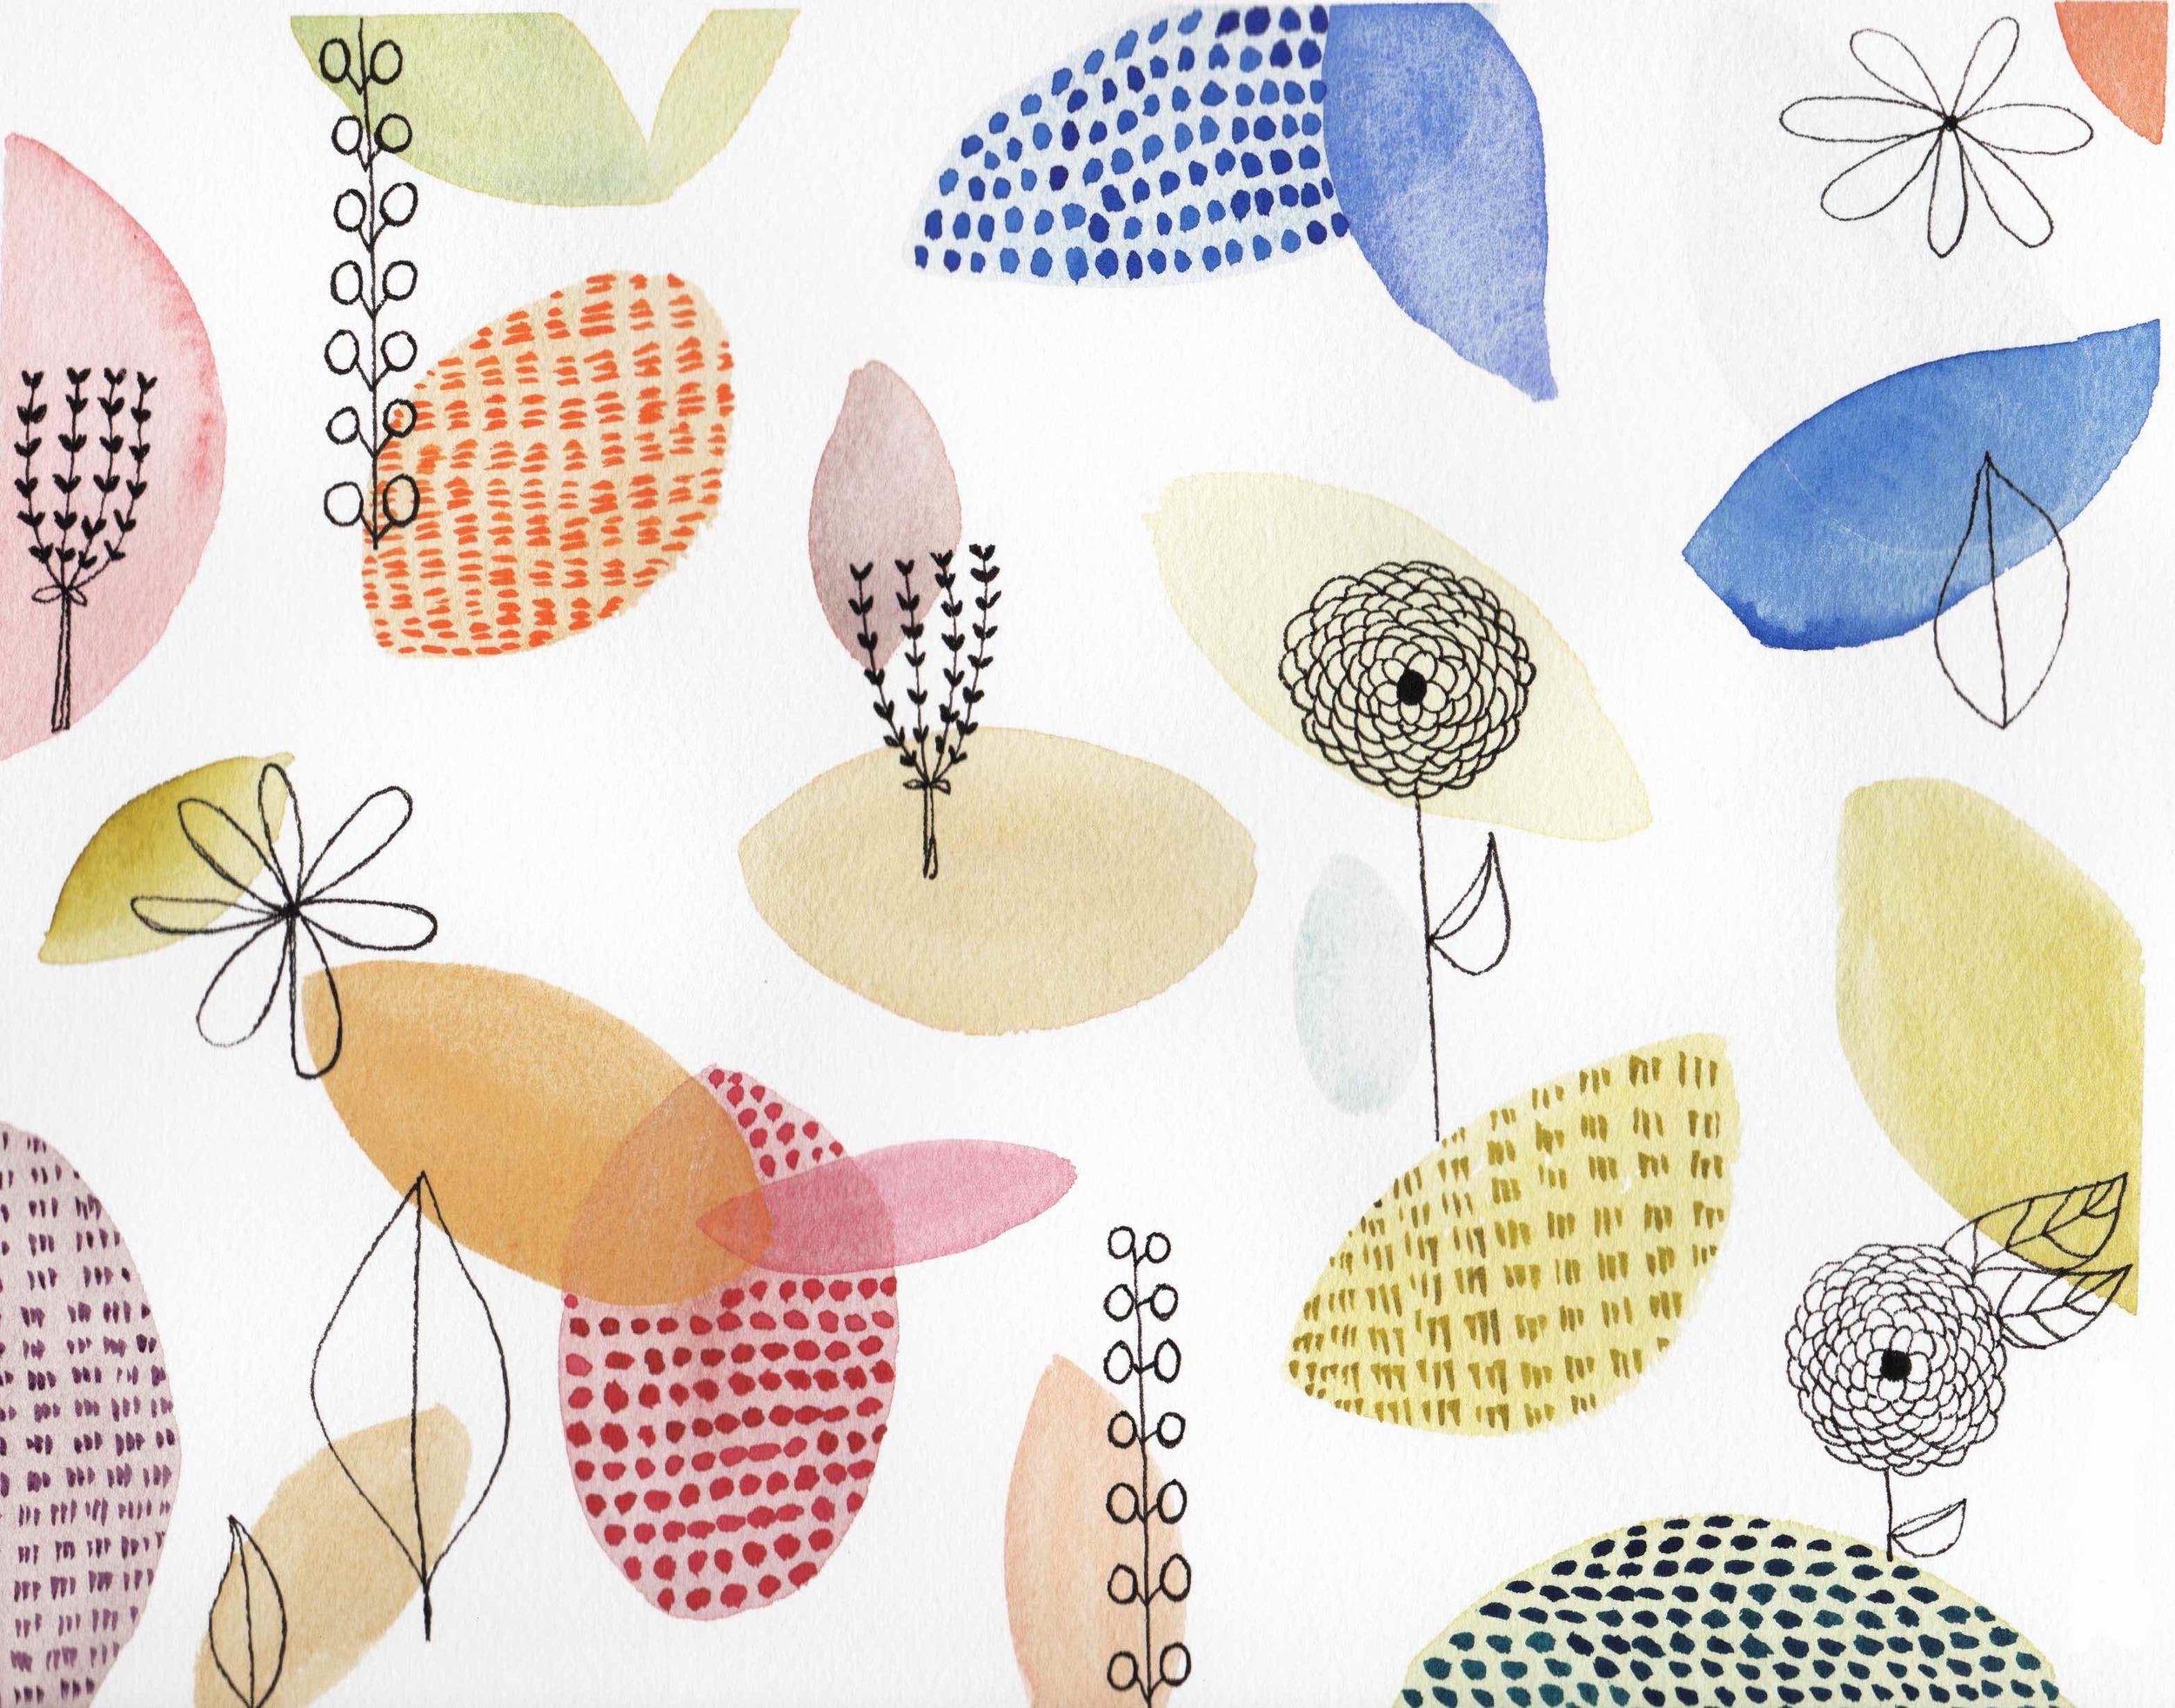 leaves-wcolor-ink_lo-res-v2.jpg